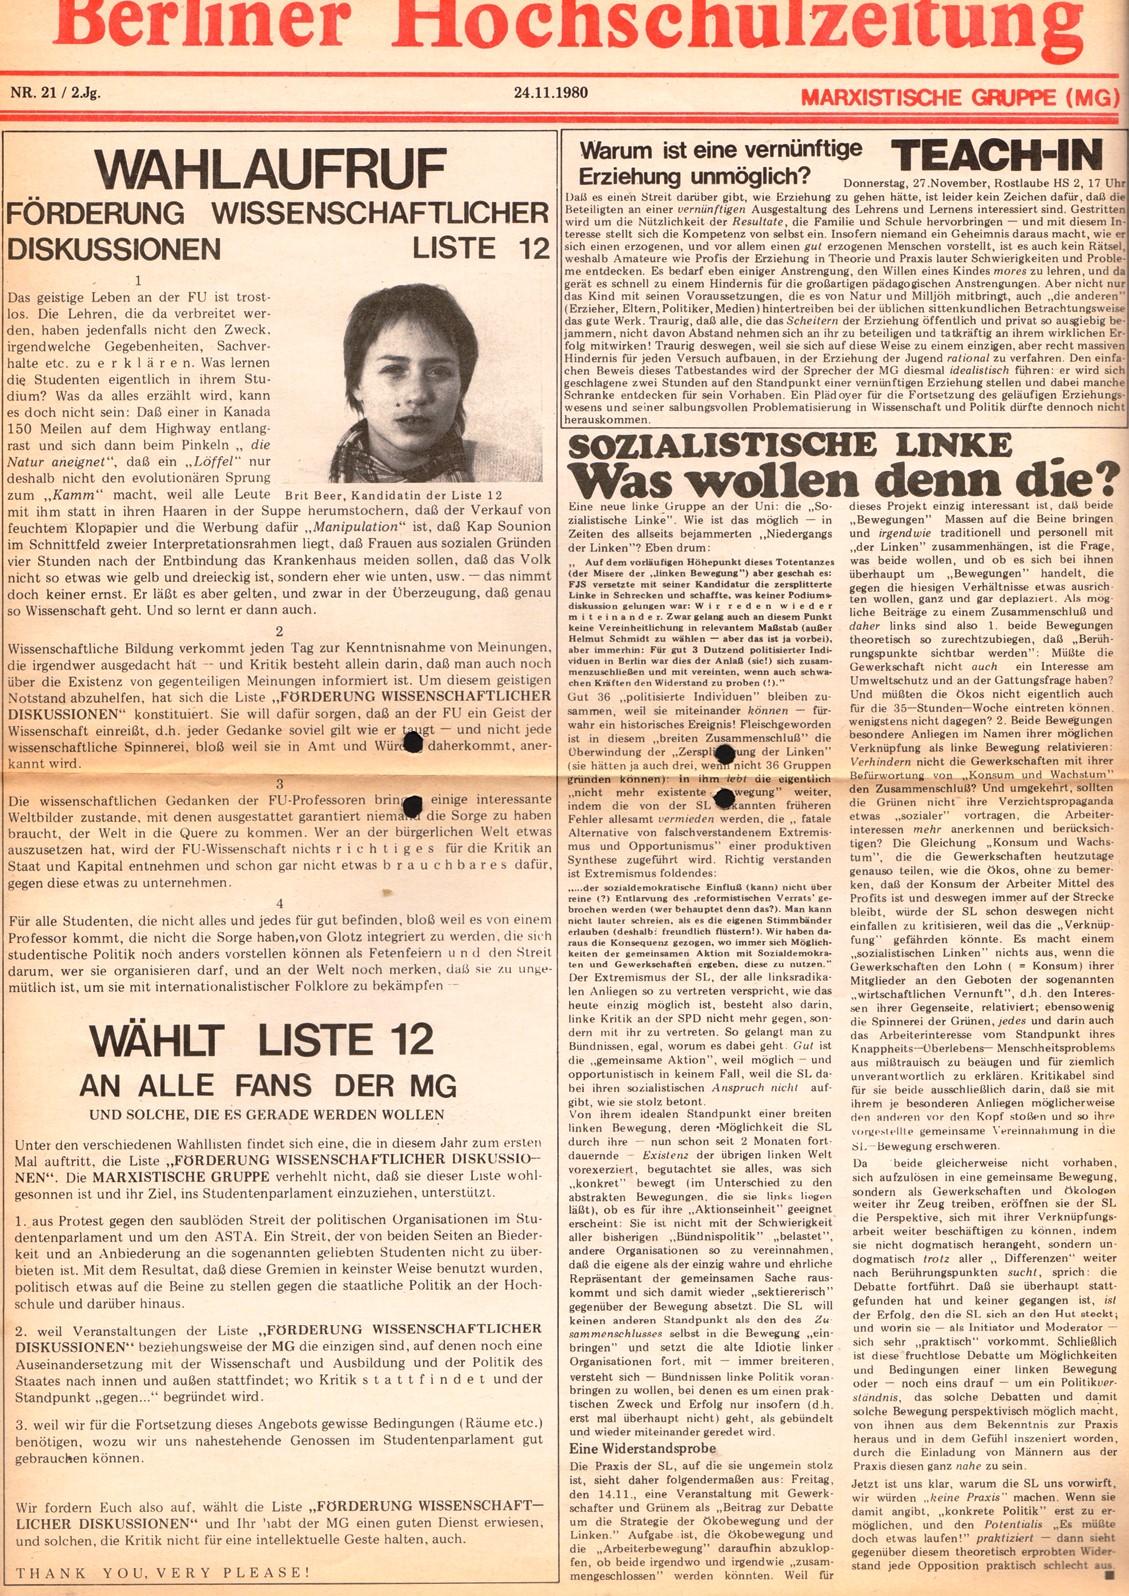 Berlin_MG_Hochschulzeitung_19801124_01